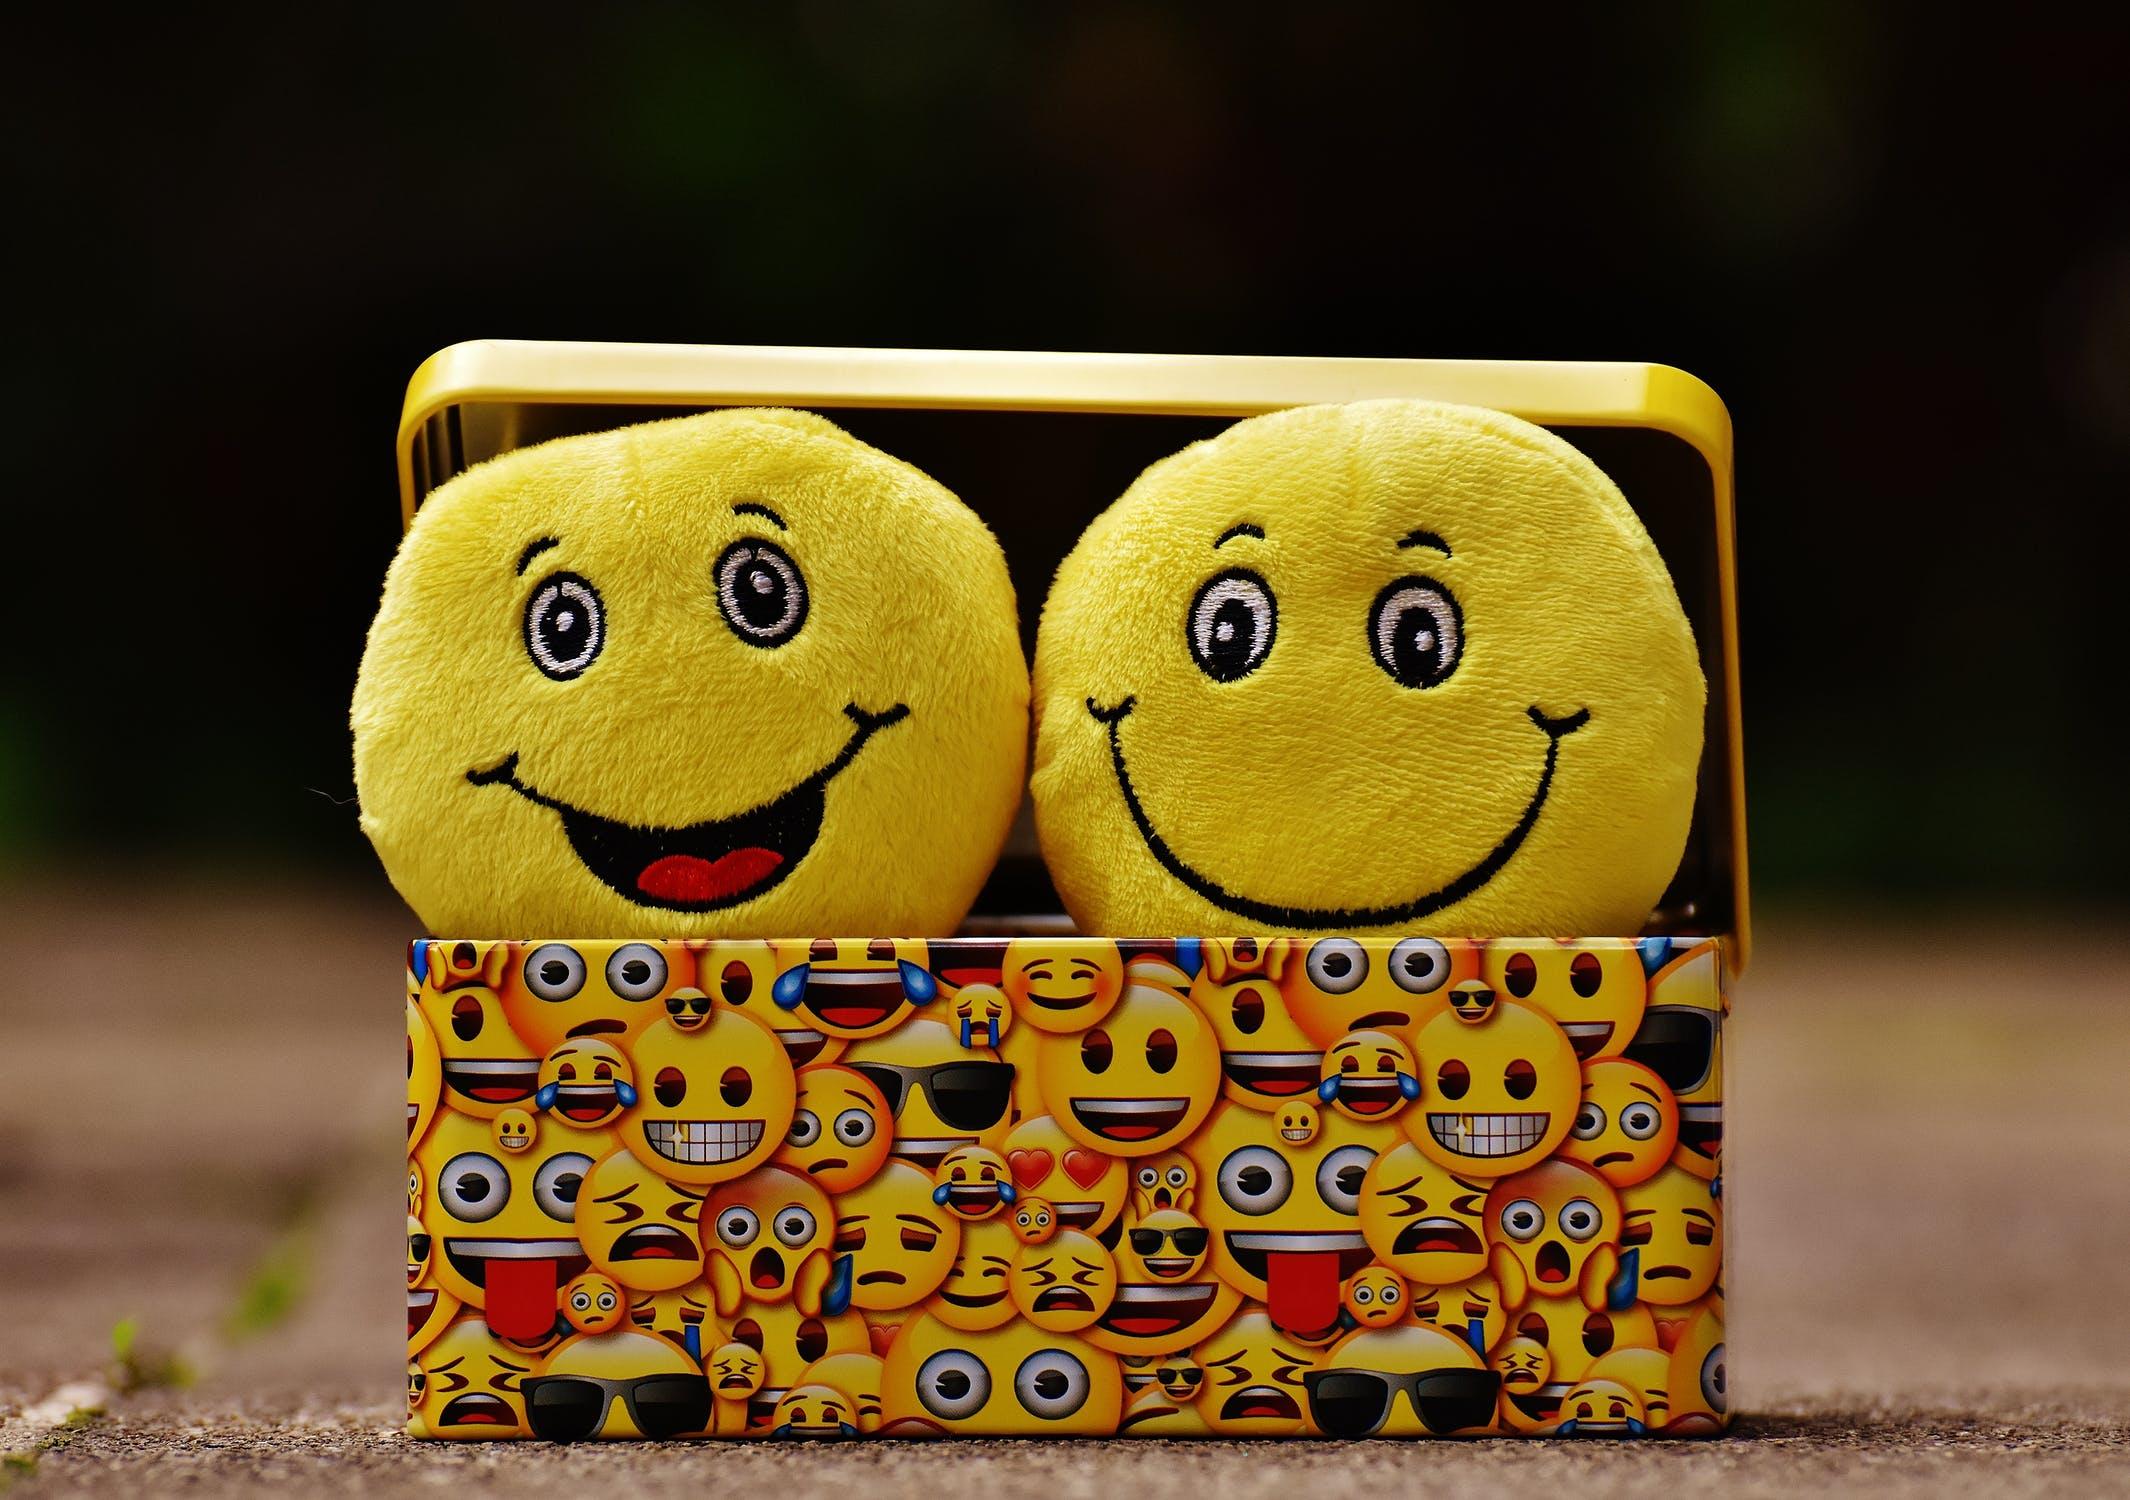 Gra w przeciwieństwa w języku angielskim. Gra w przeciwieństwa - gry językowe - Emocje i uczucia. Zagraj online i naucz się nowych słówek w języku angielskim